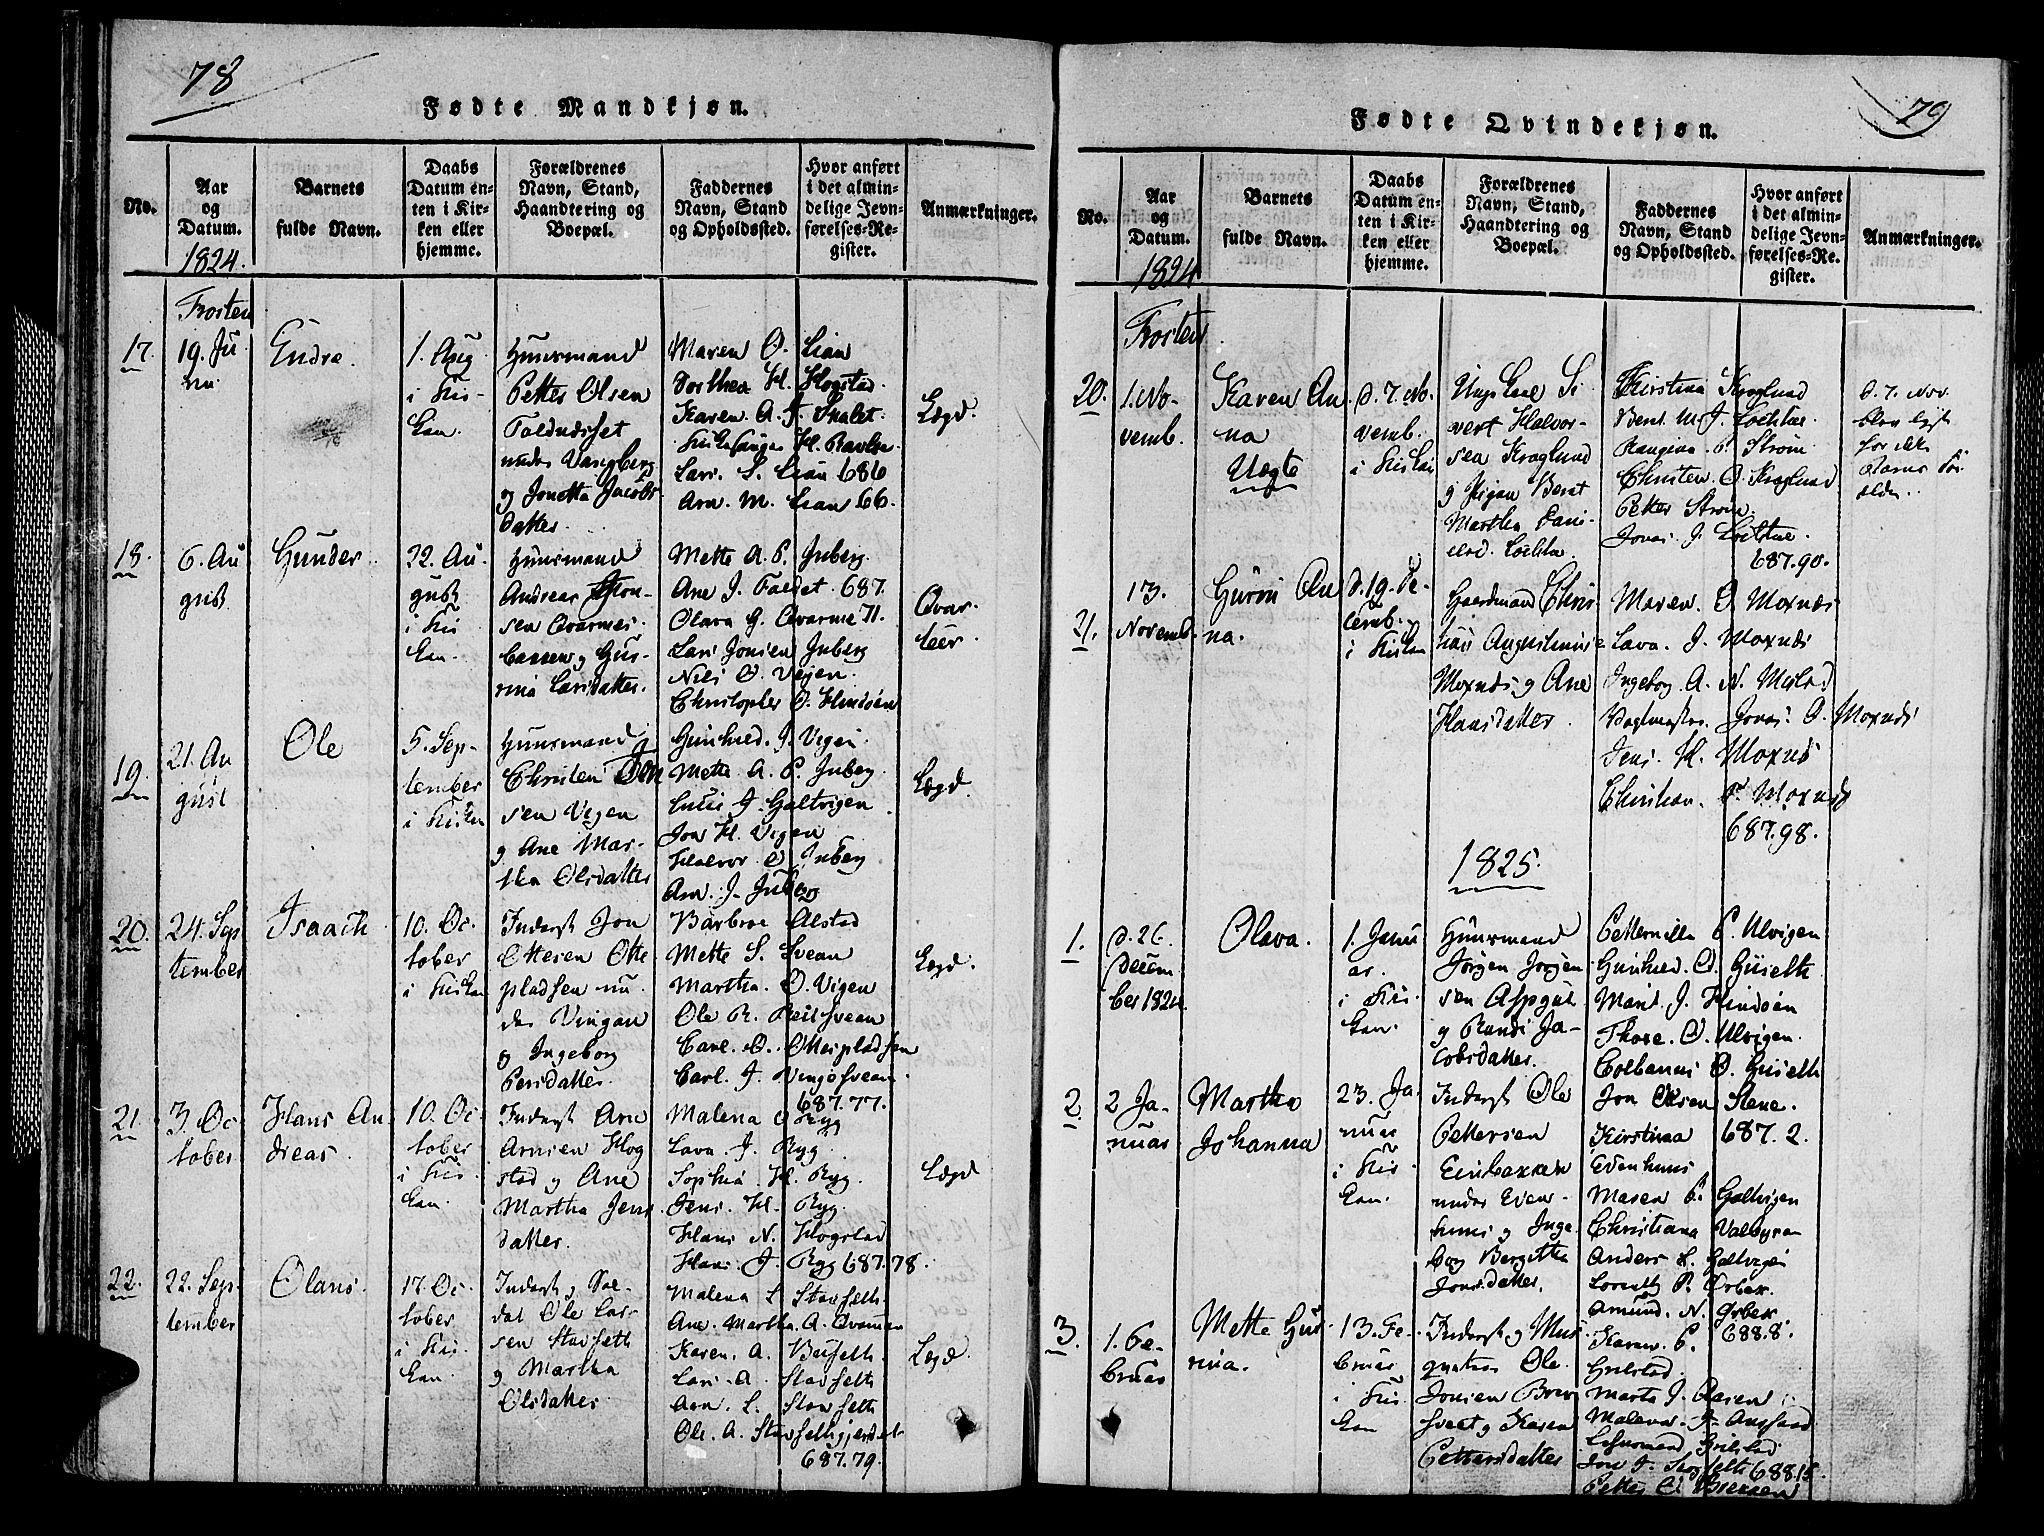 SAT, Ministerialprotokoller, klokkerbøker og fødselsregistre - Nord-Trøndelag, 713/L0112: Ministerialbok nr. 713A04 /1, 1817-1827, s. 78-79